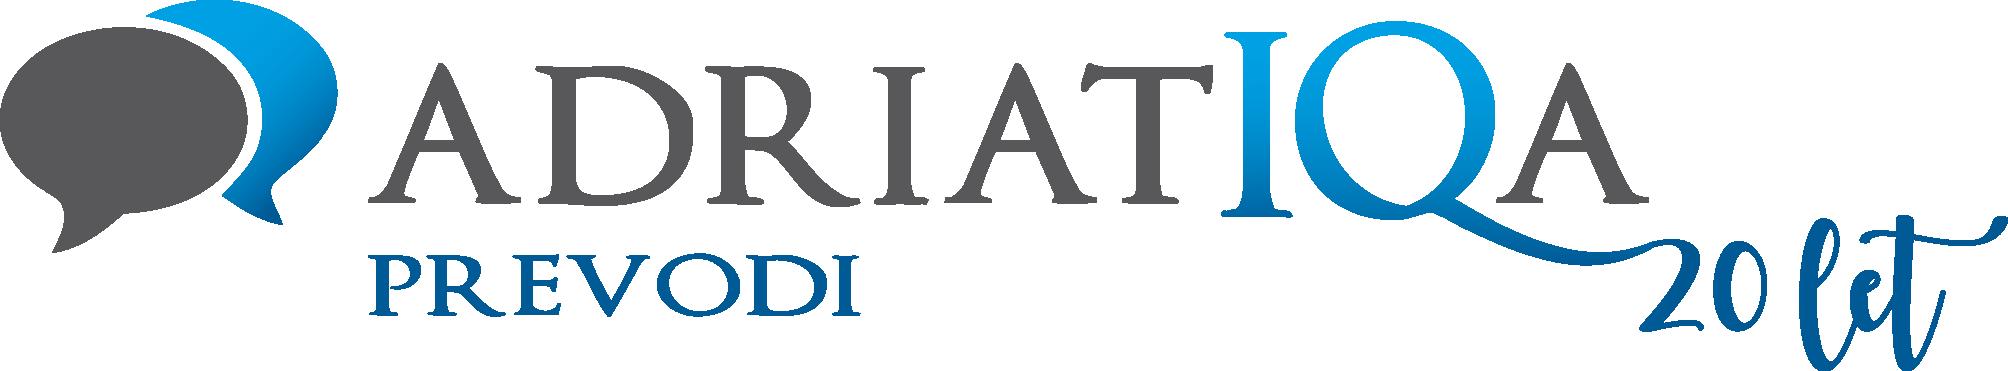 Logotip AdriatIQa_20 let